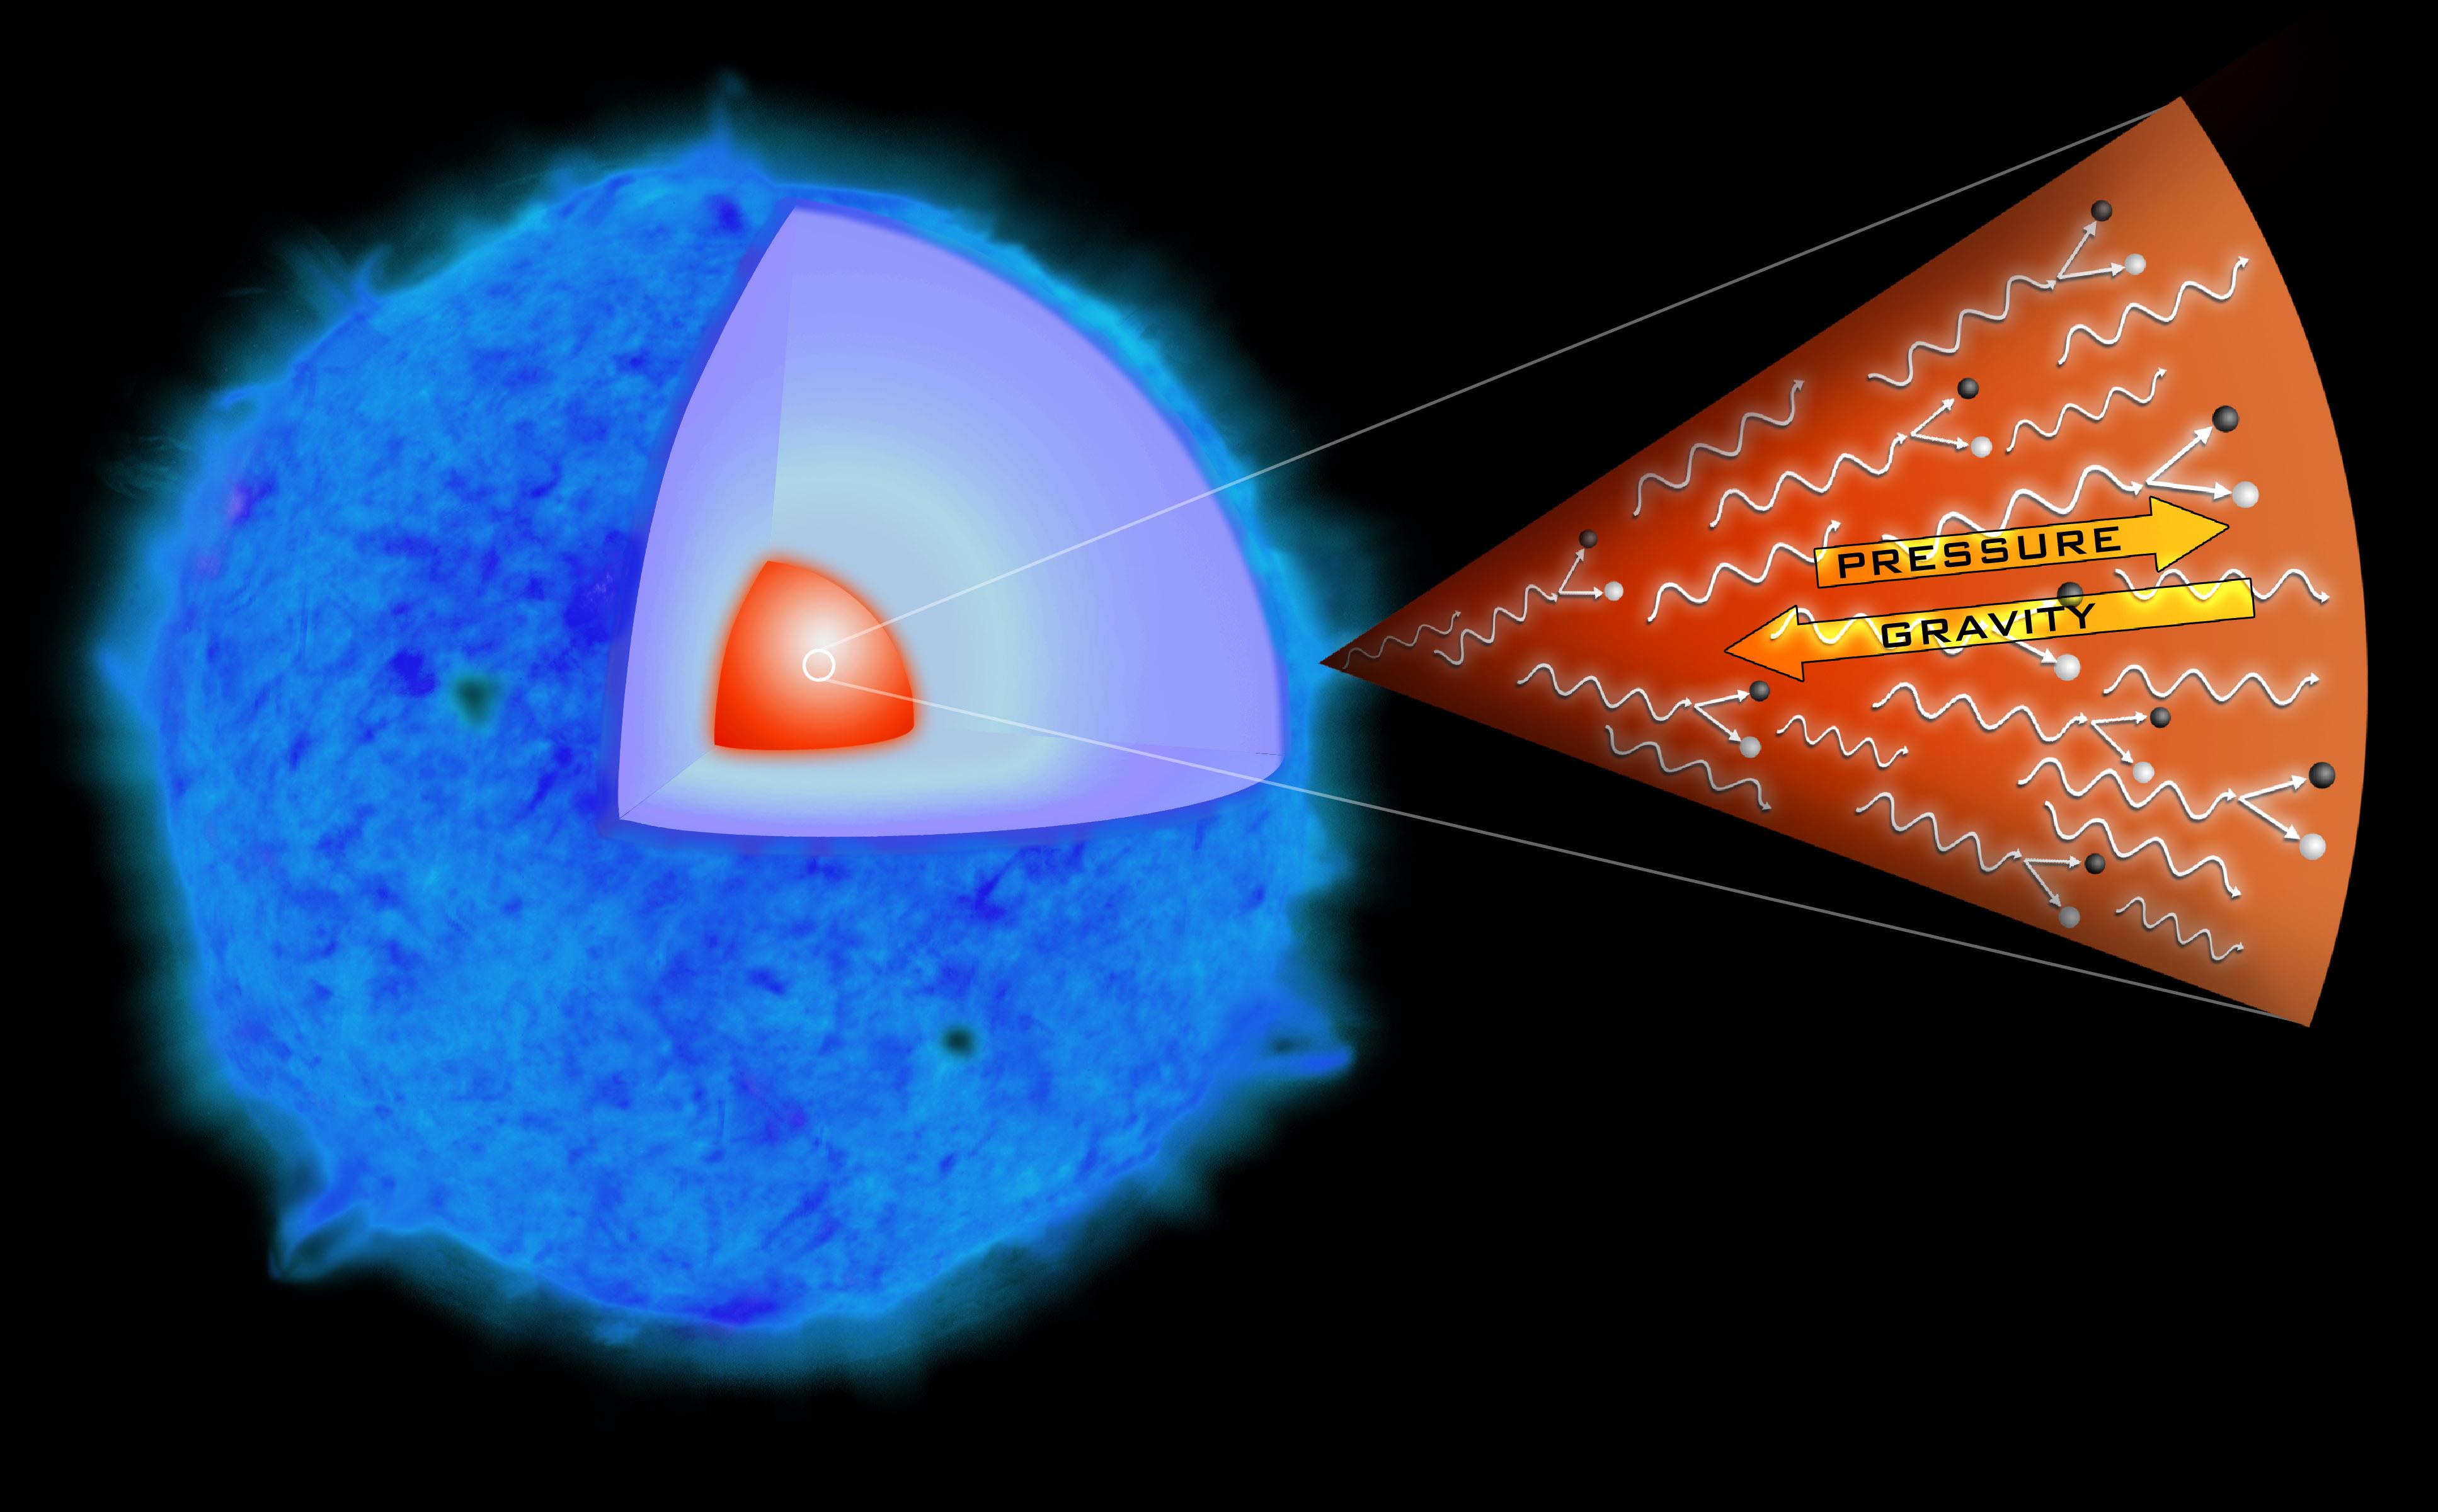 Модель противостояния давления частиц и гравитации